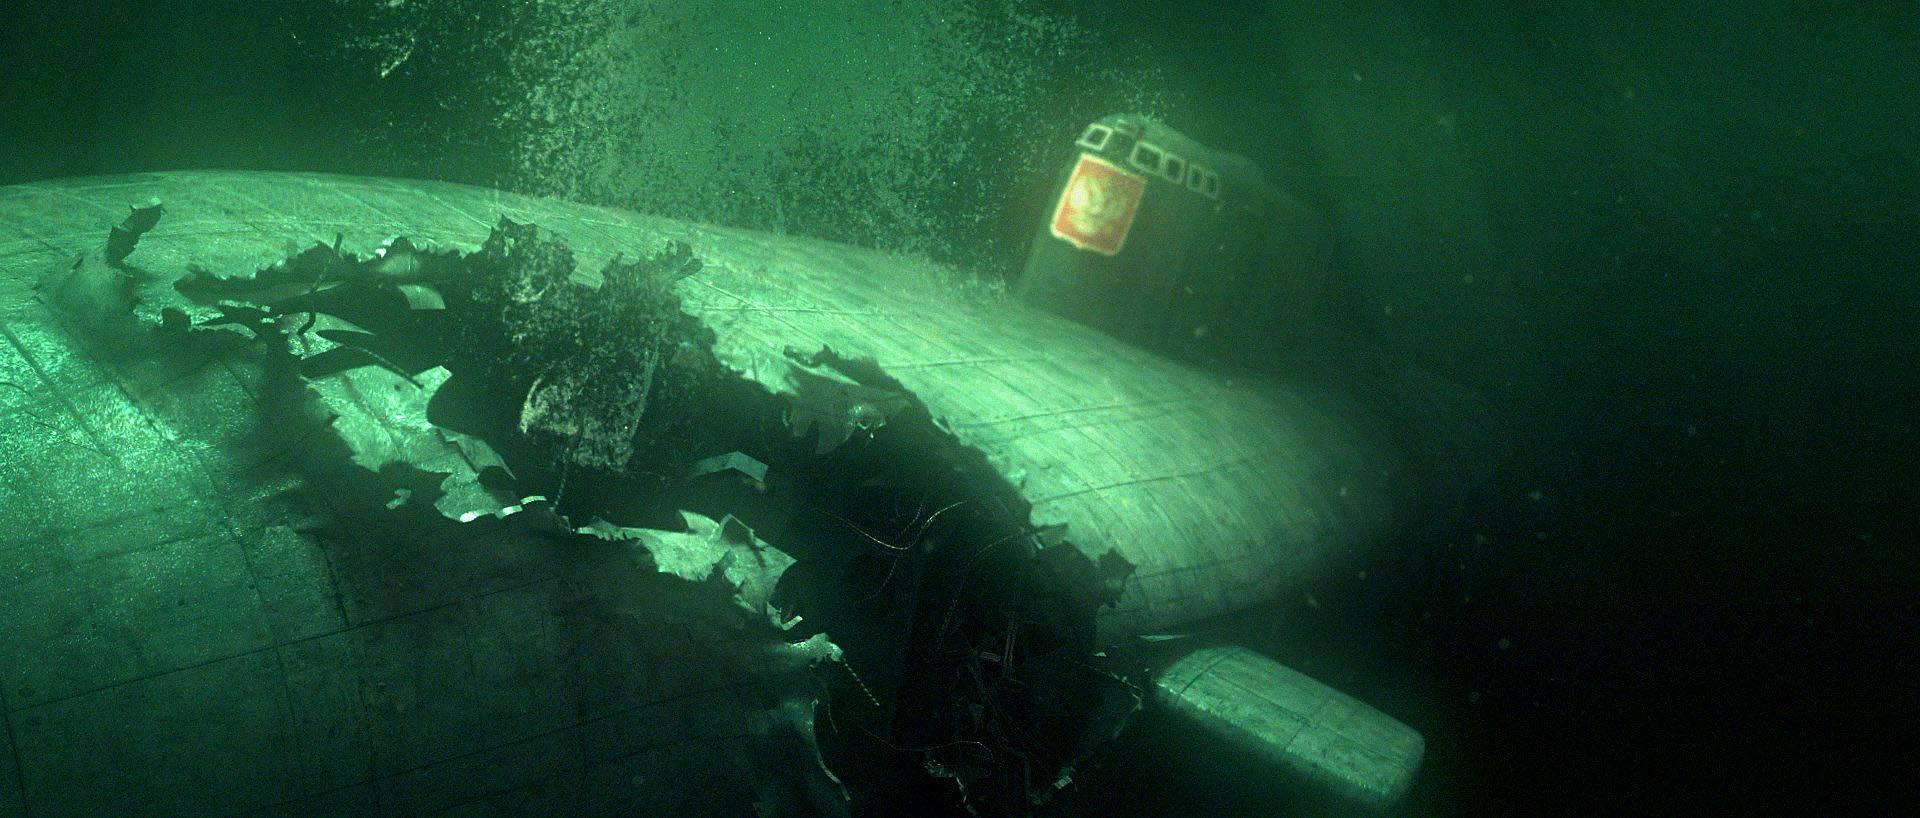 К-141 «курск» - история создания и гибели атомной подводной лодки курск